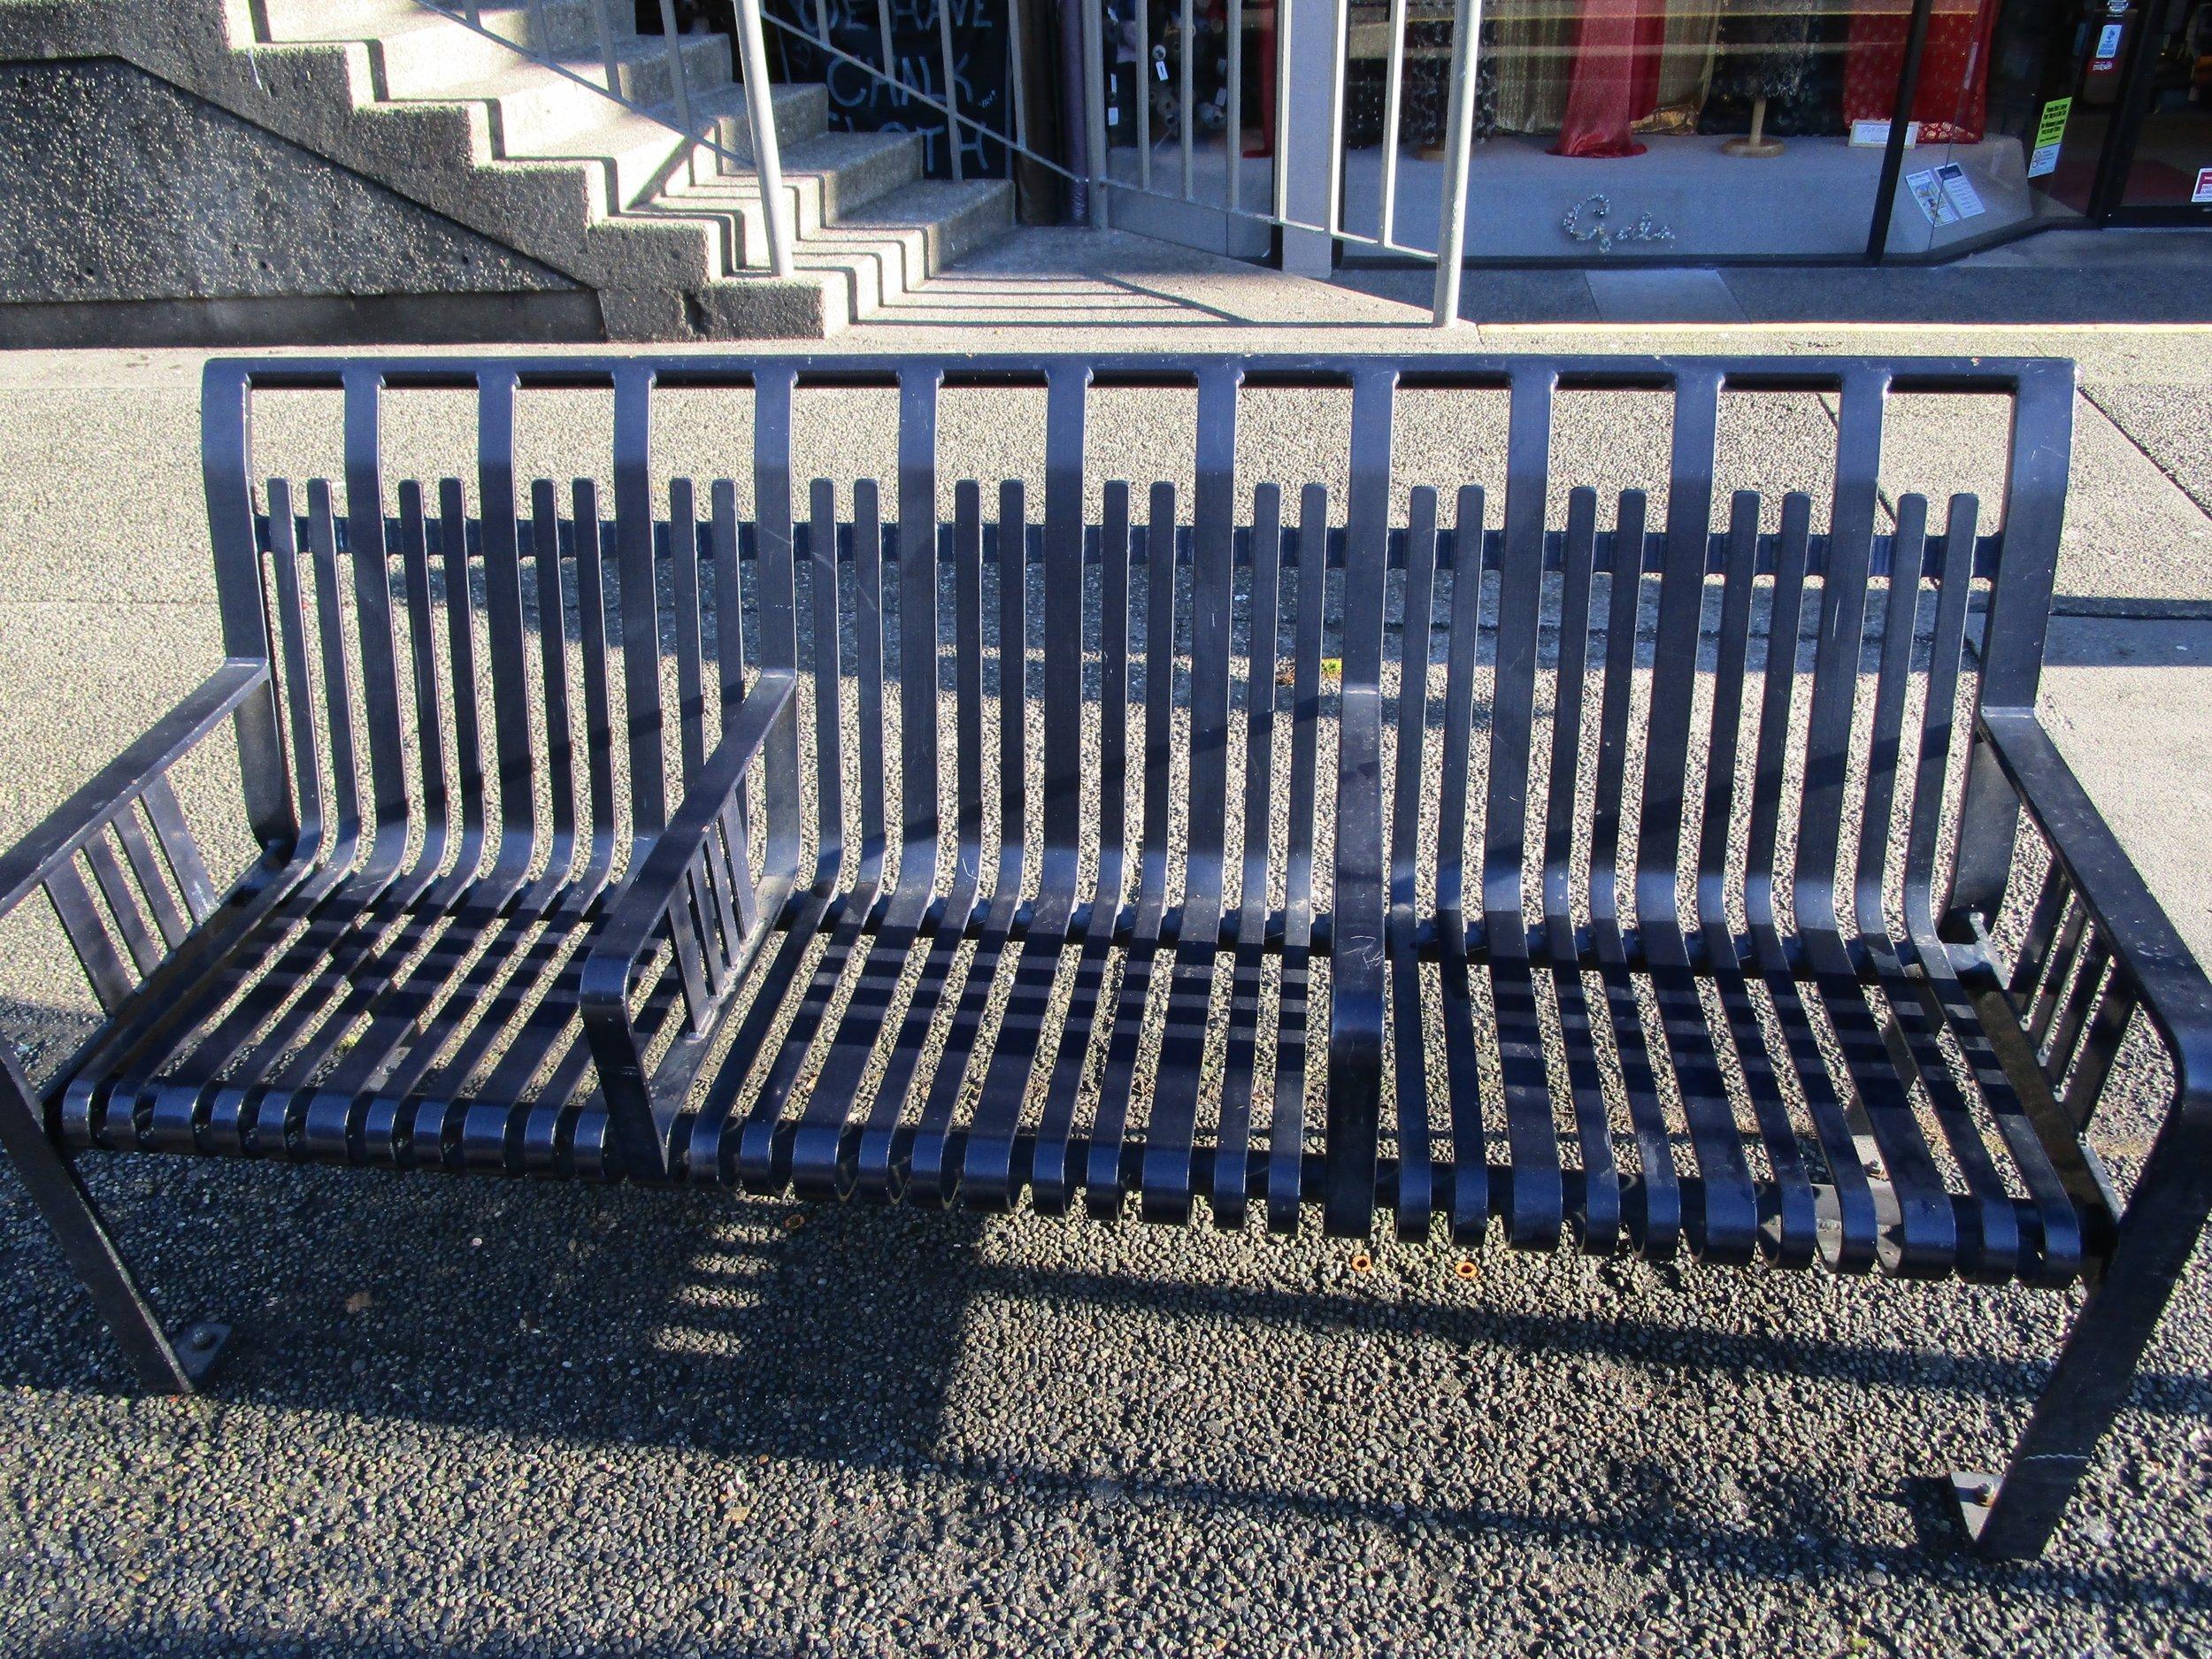 Un-sleepable benches